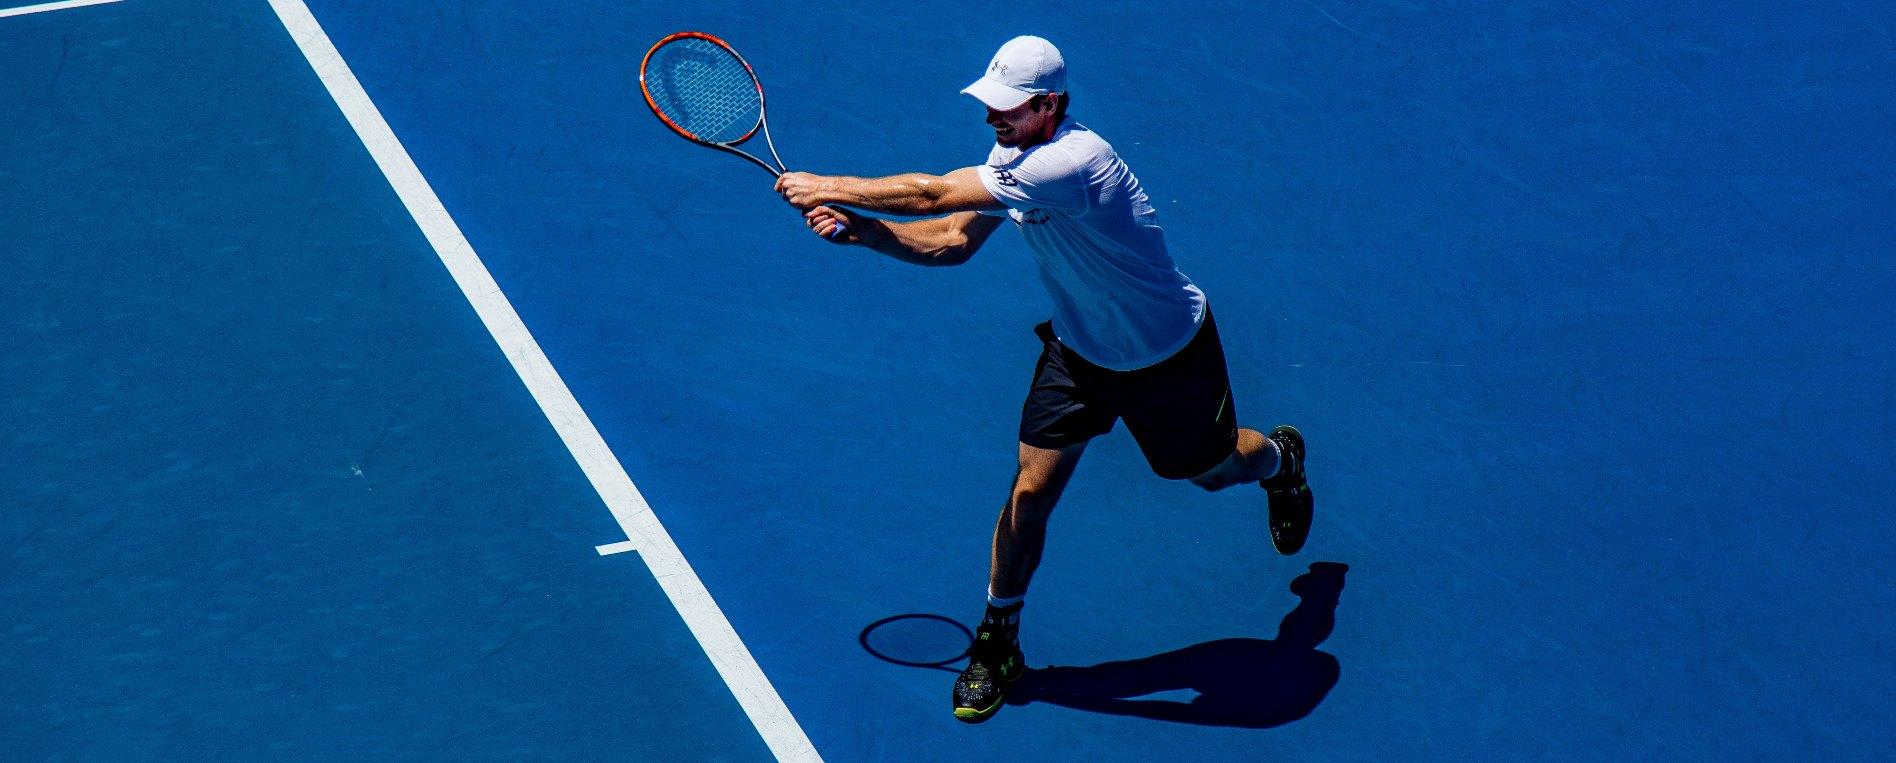 Met groepen ouderen naar ABN AMRO Tennistoernooi